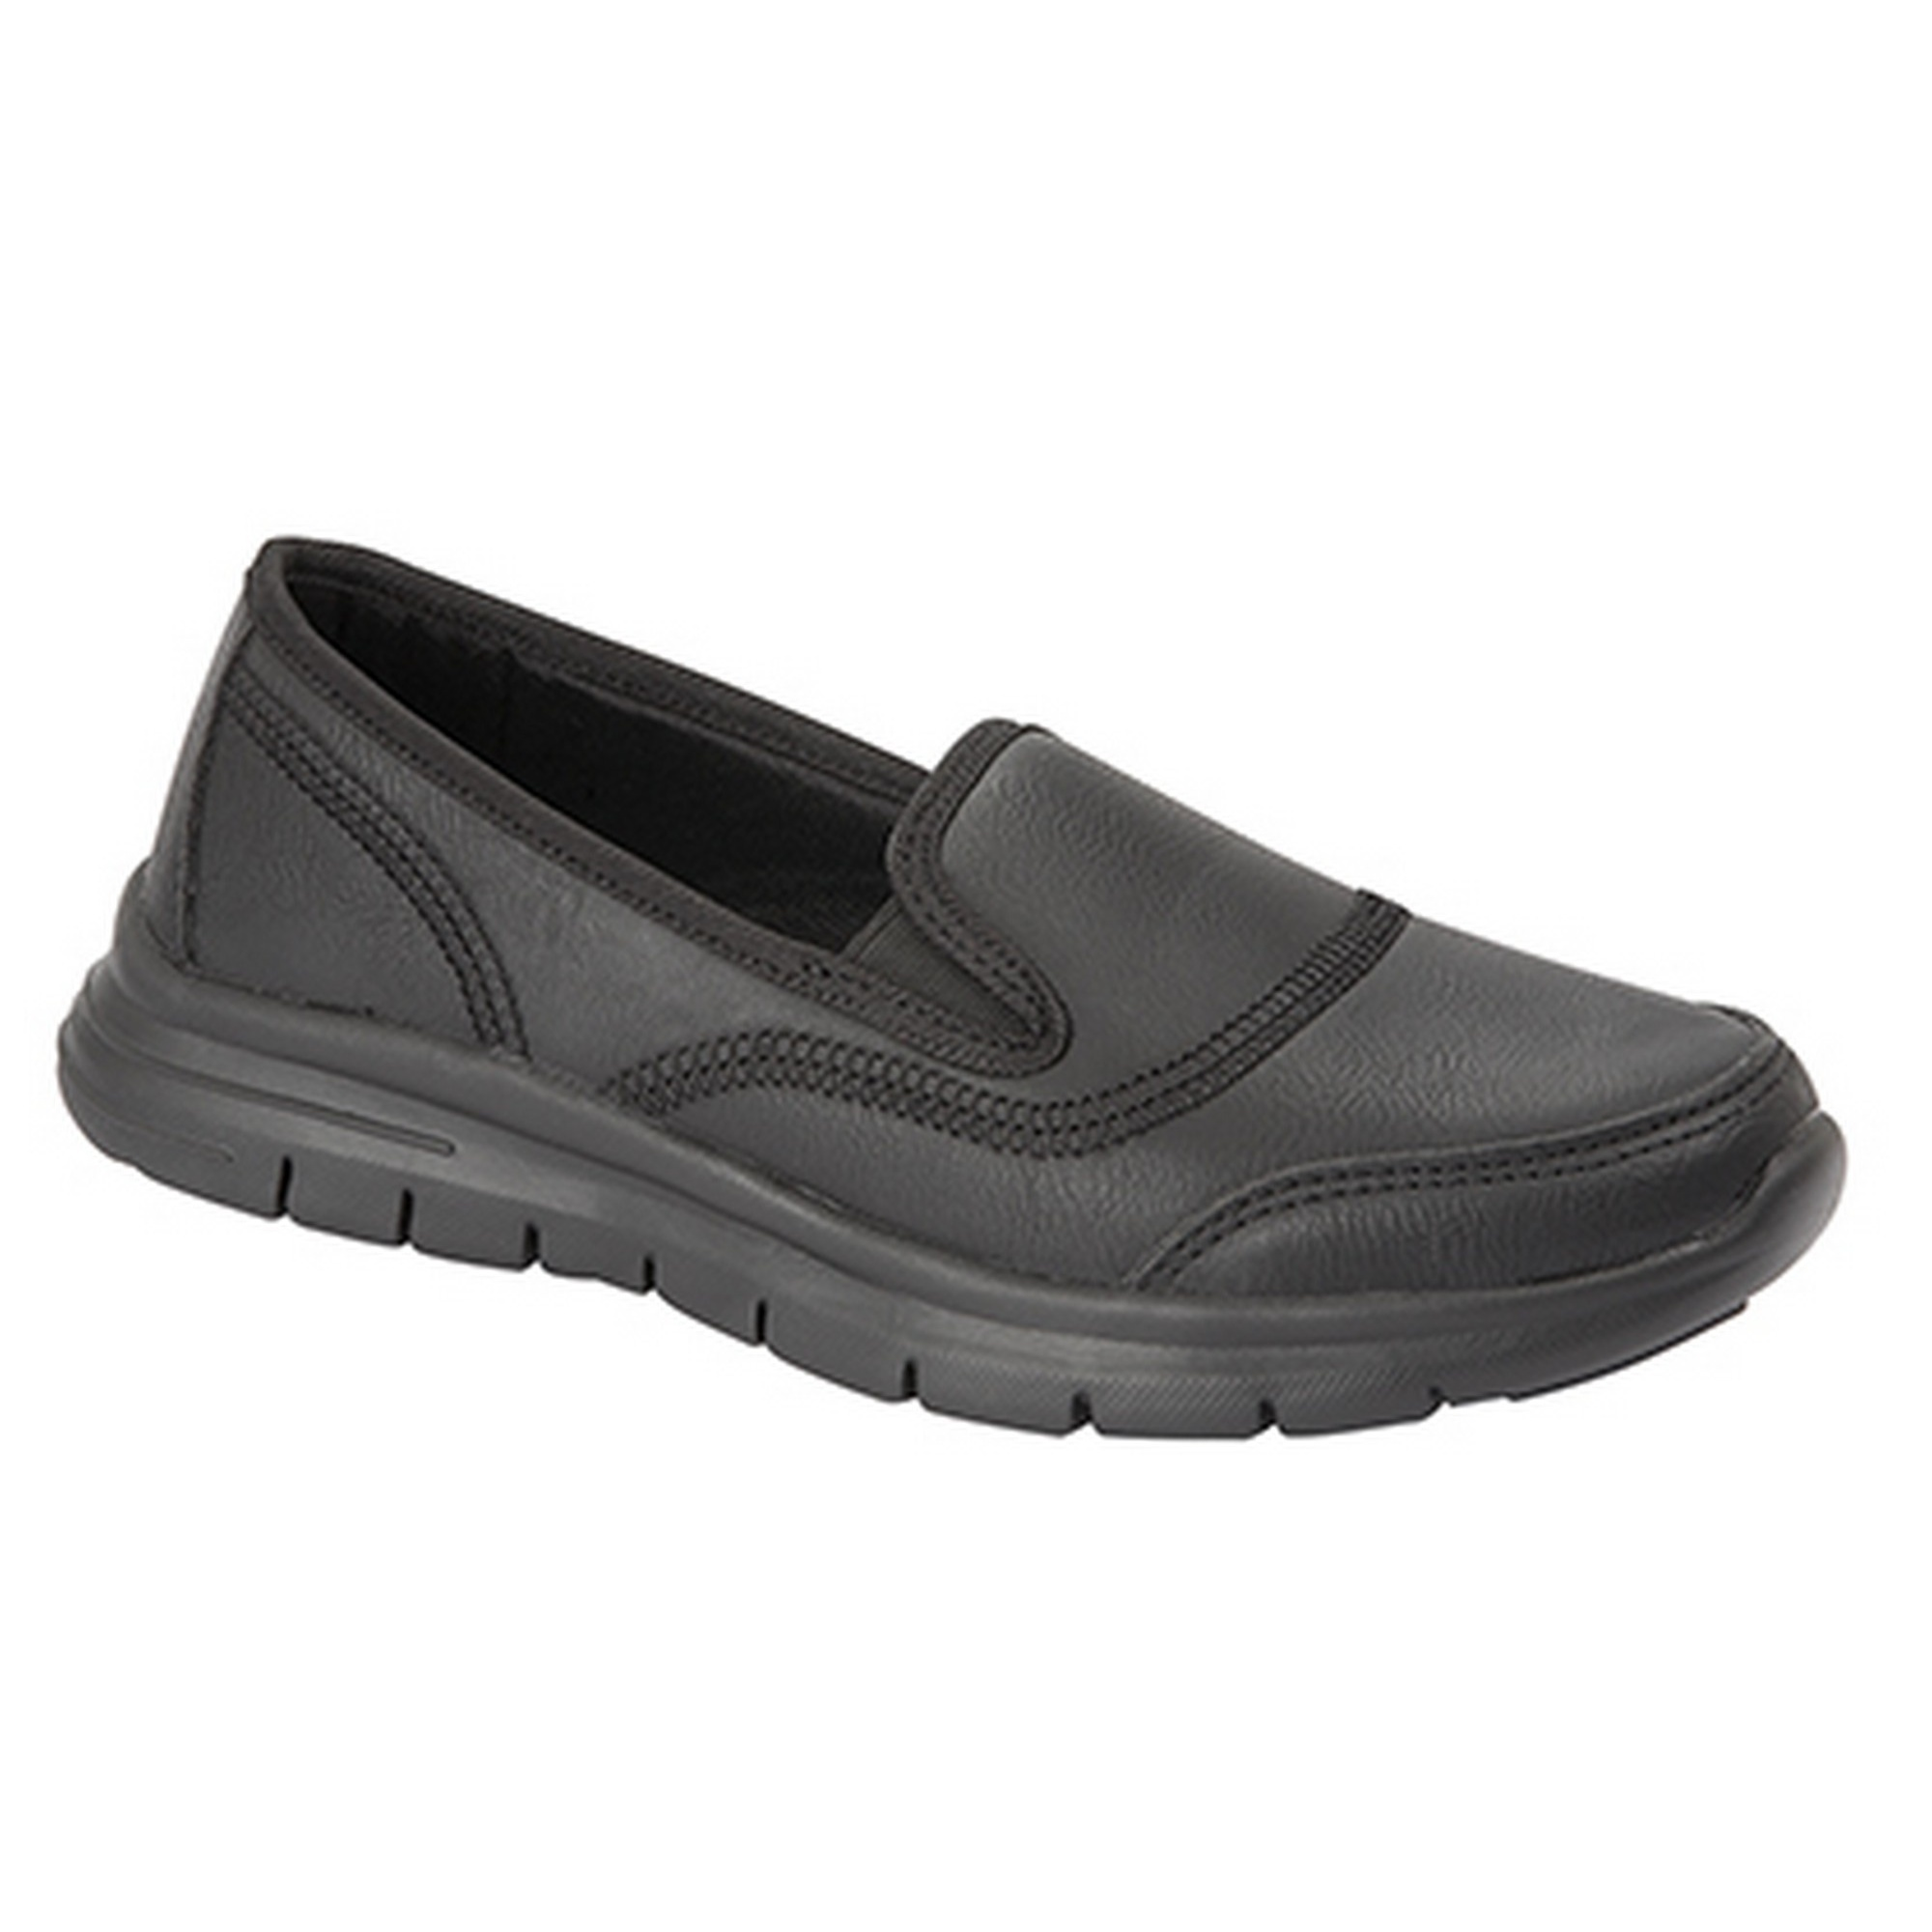 Dek - Zapatillas súper-ligeras para todo tipo de actividades para mujer (DF1367)